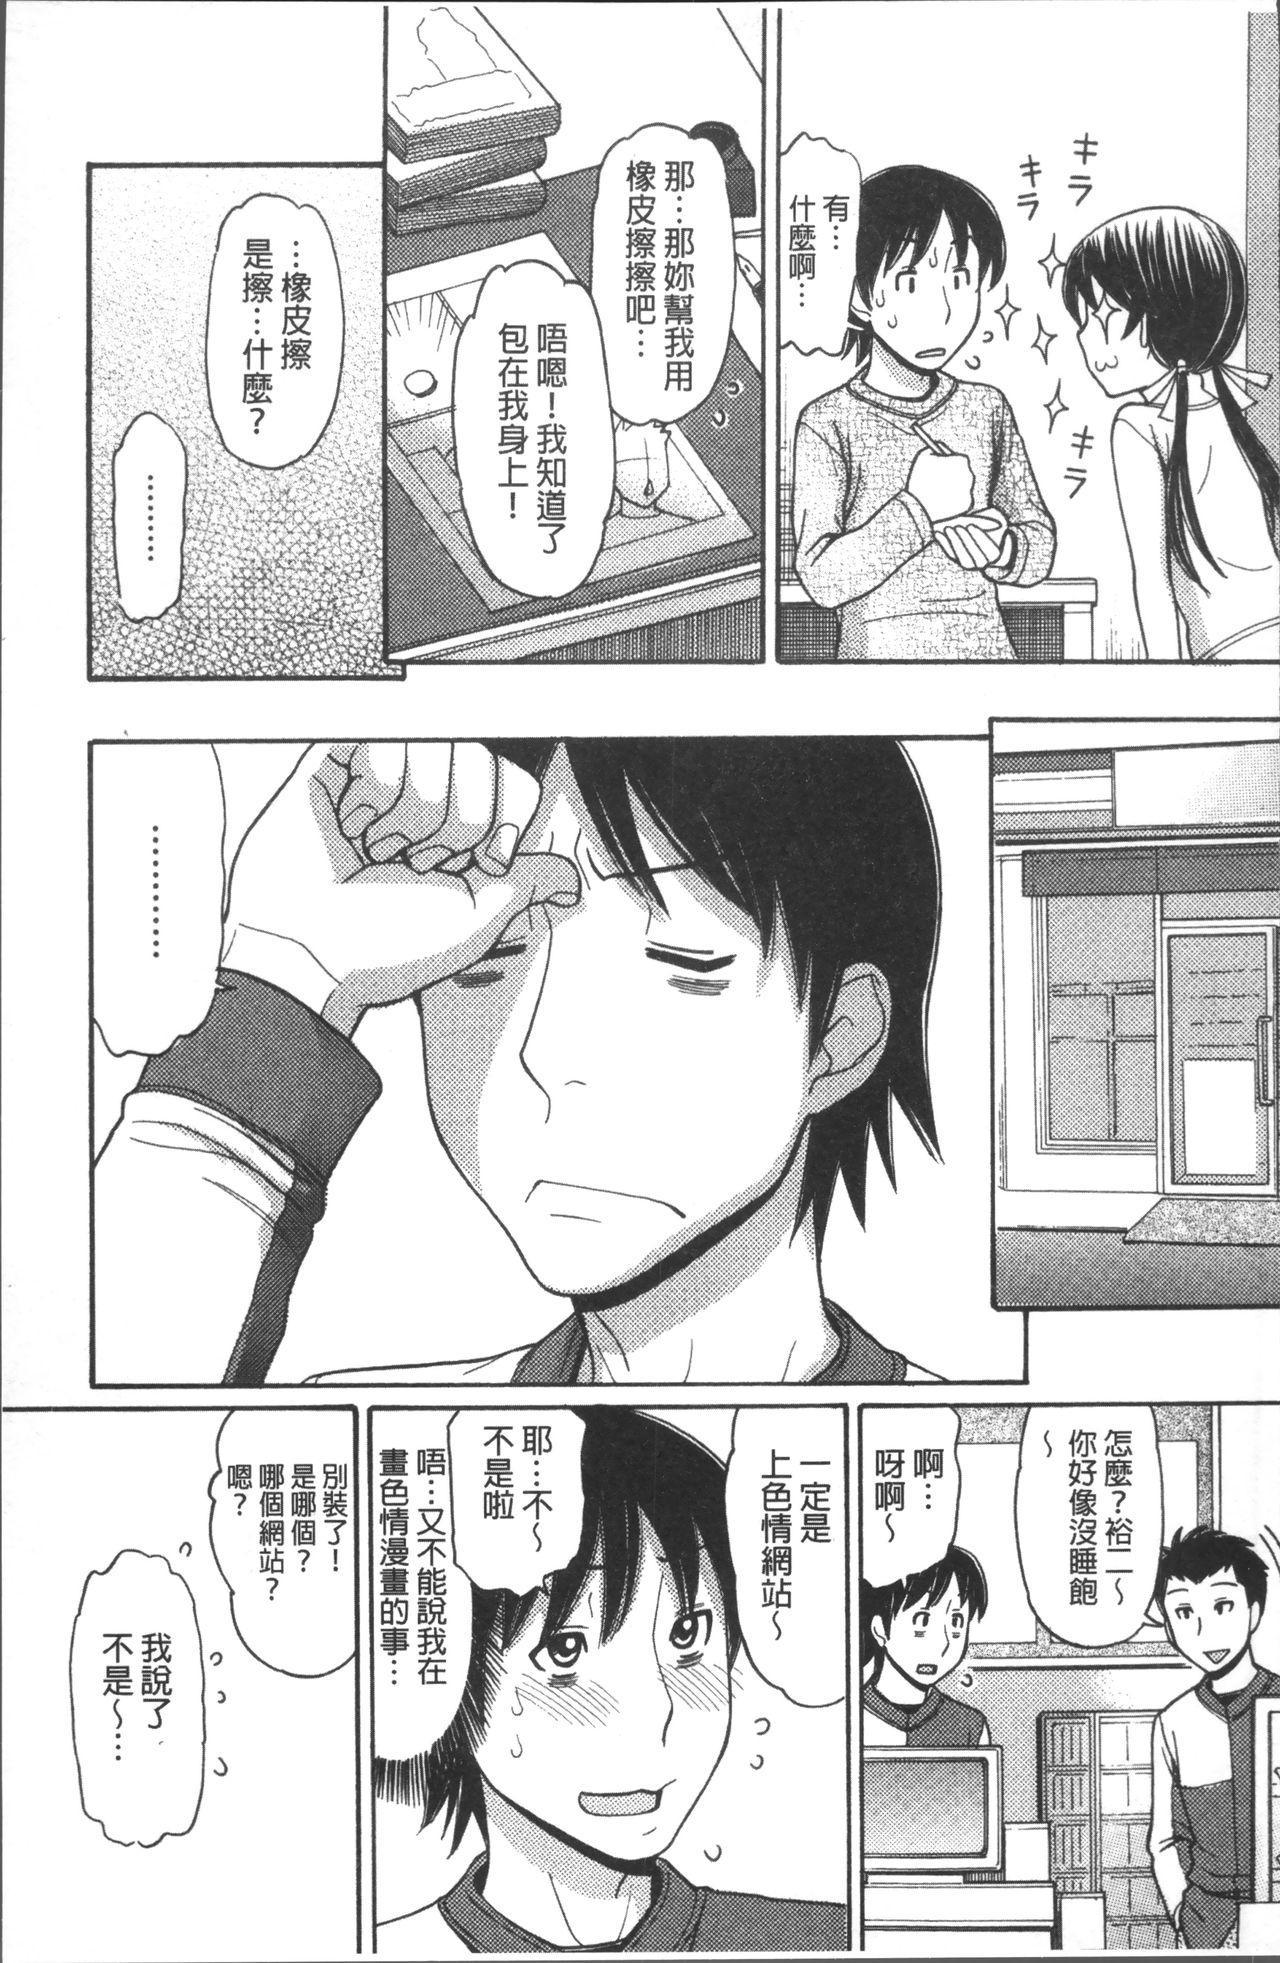 [Tanaka-Ex] Onii-chan wa Mangaka-san! [Chinese] 175